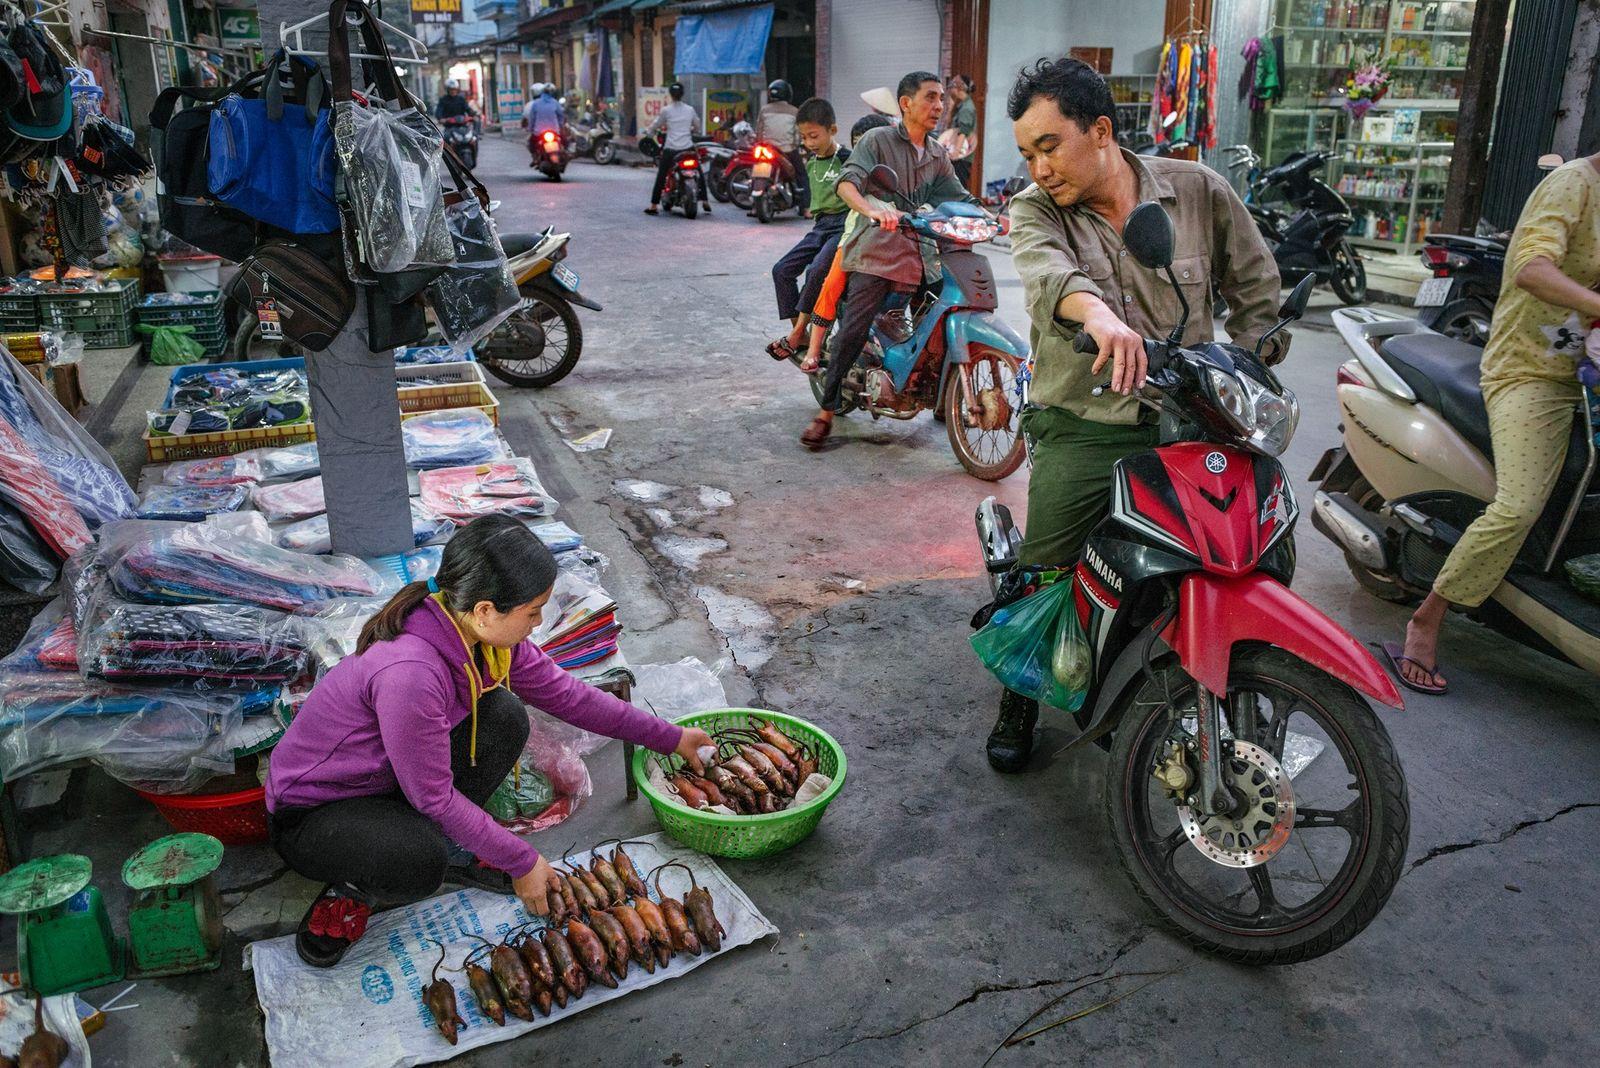 Une vendeuse ambulante expose des rats en vente à Co Dung.